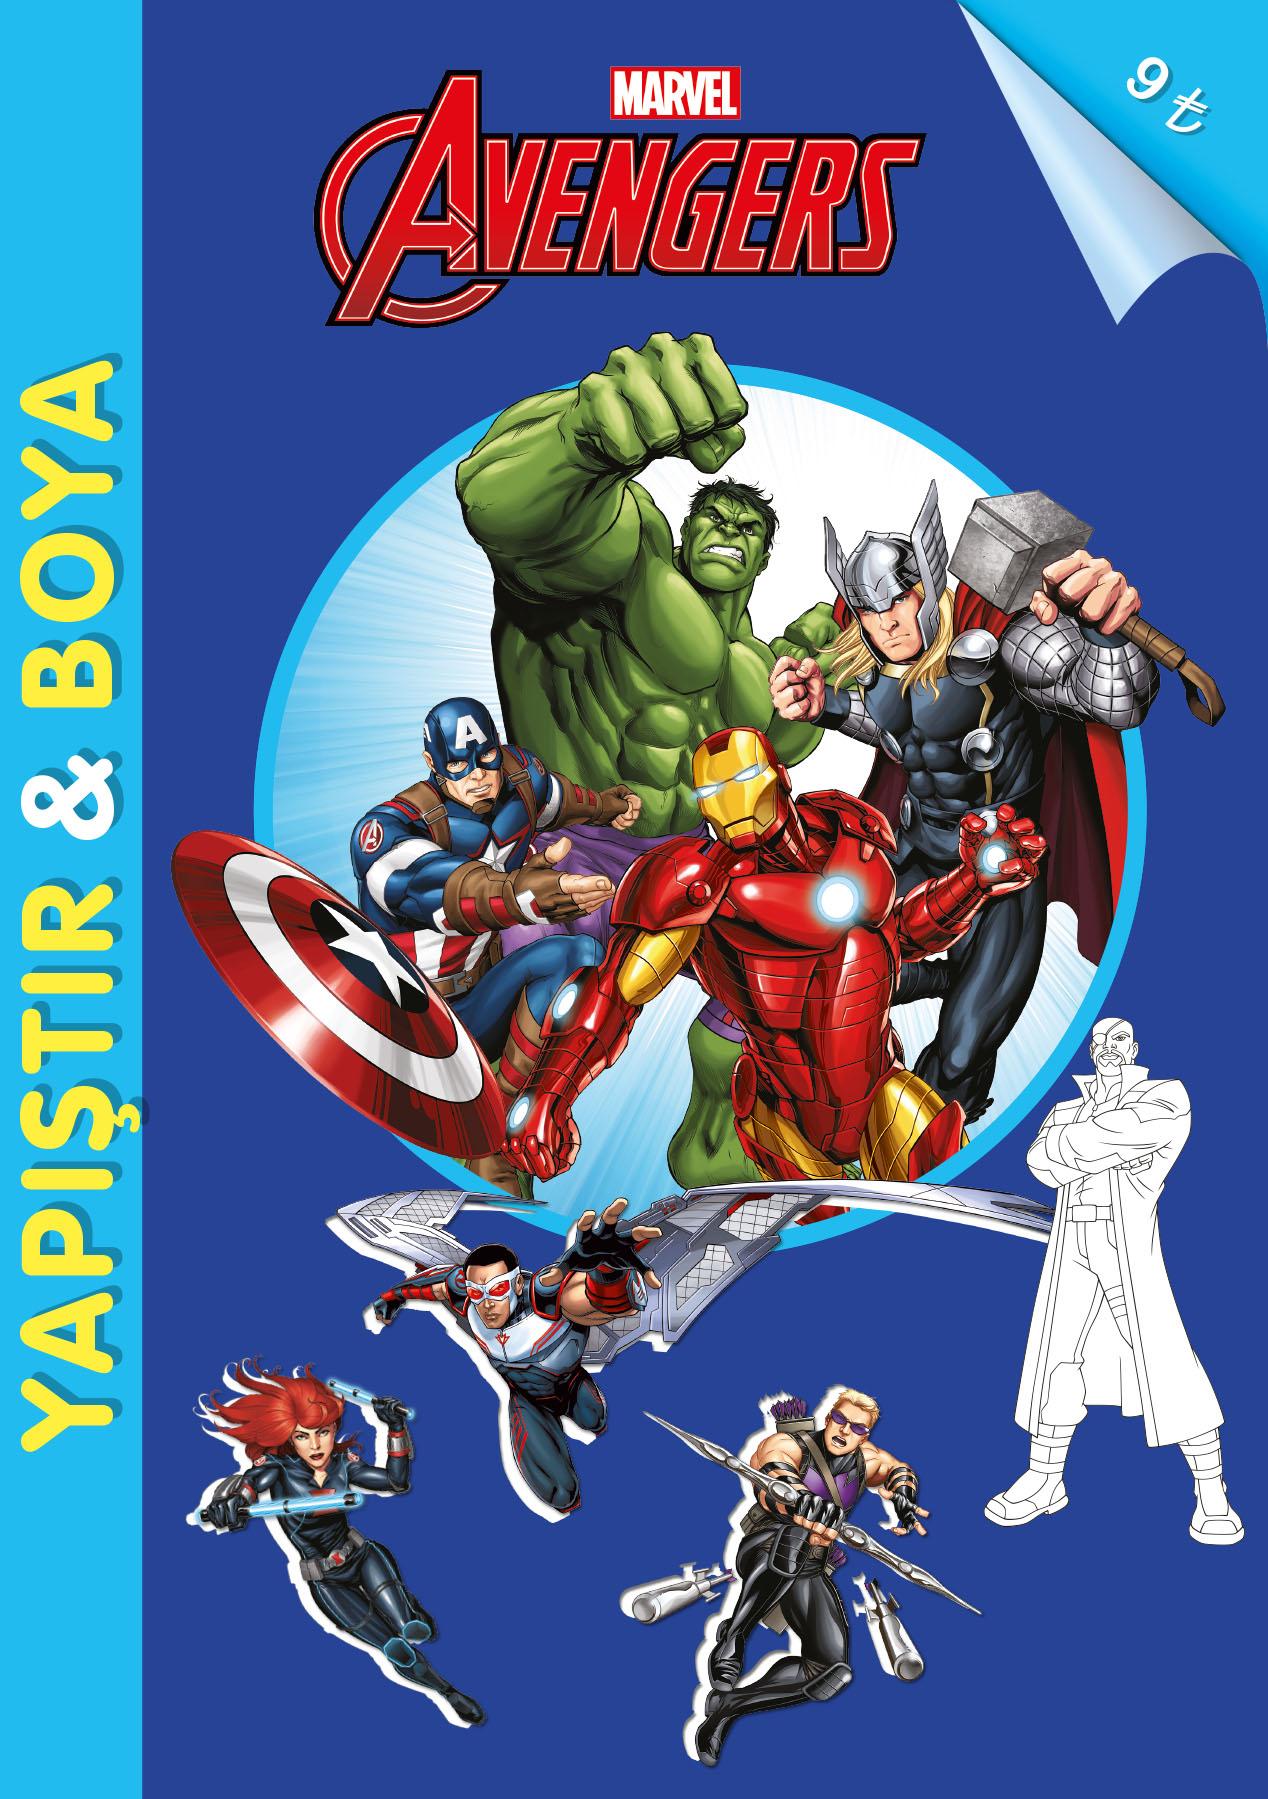 Thor Ile Süper Boyama çıkartma Beta çocuk